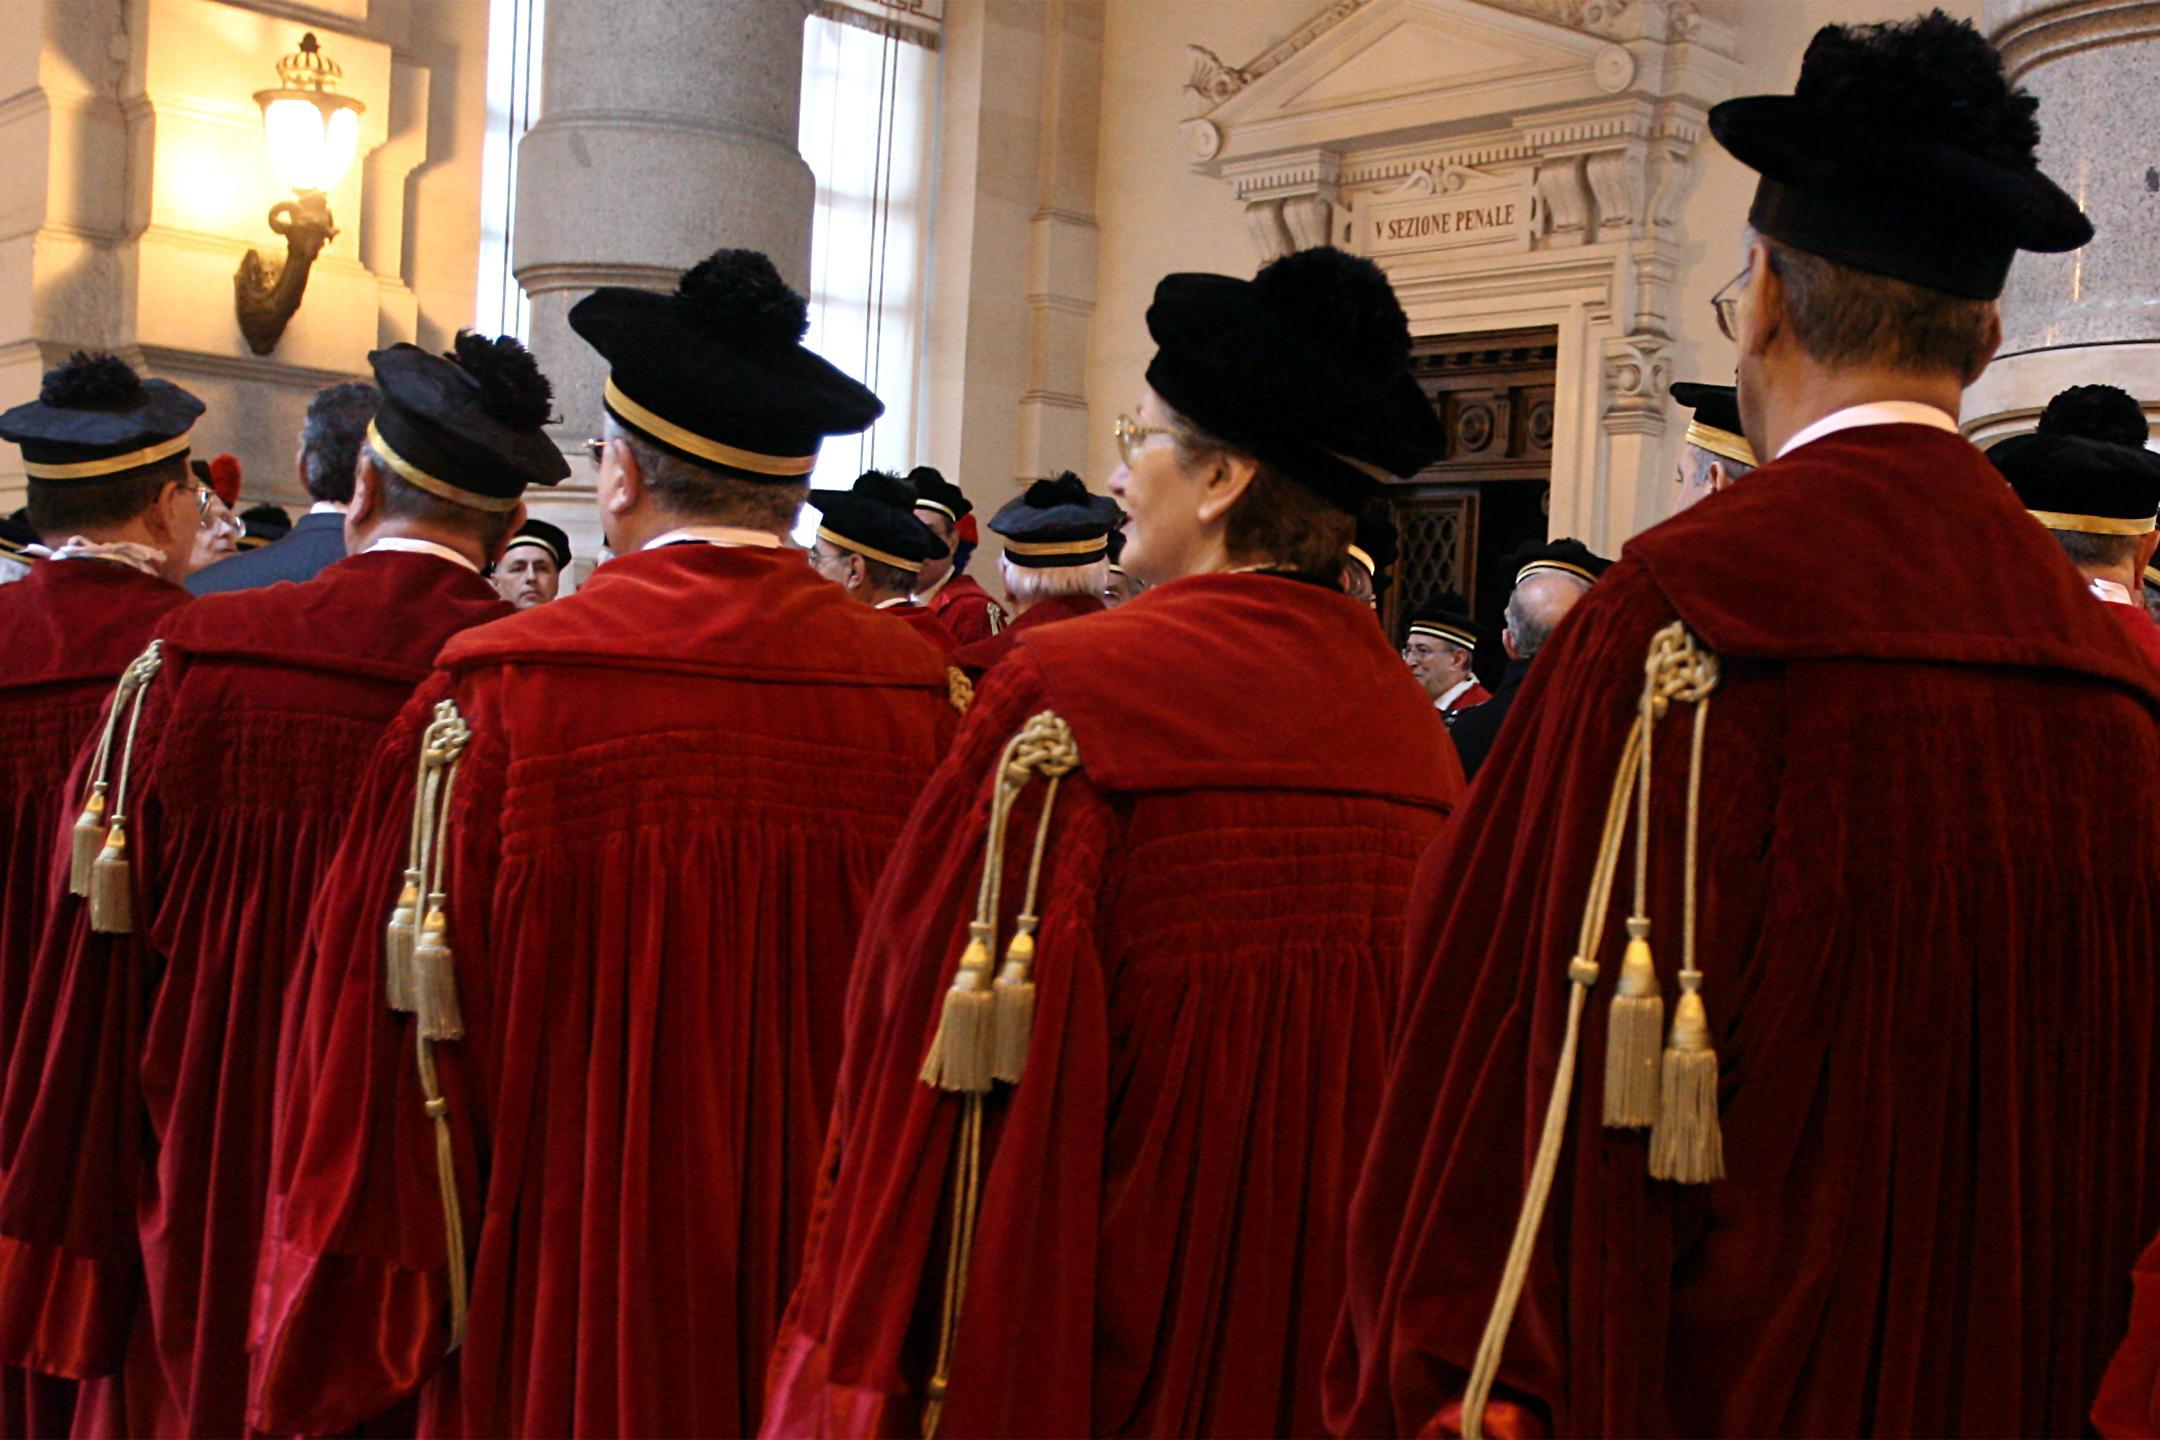 Riforma delle Province: presidente Ardizzone, a decidere è la Consulta, non lei e Renzi!